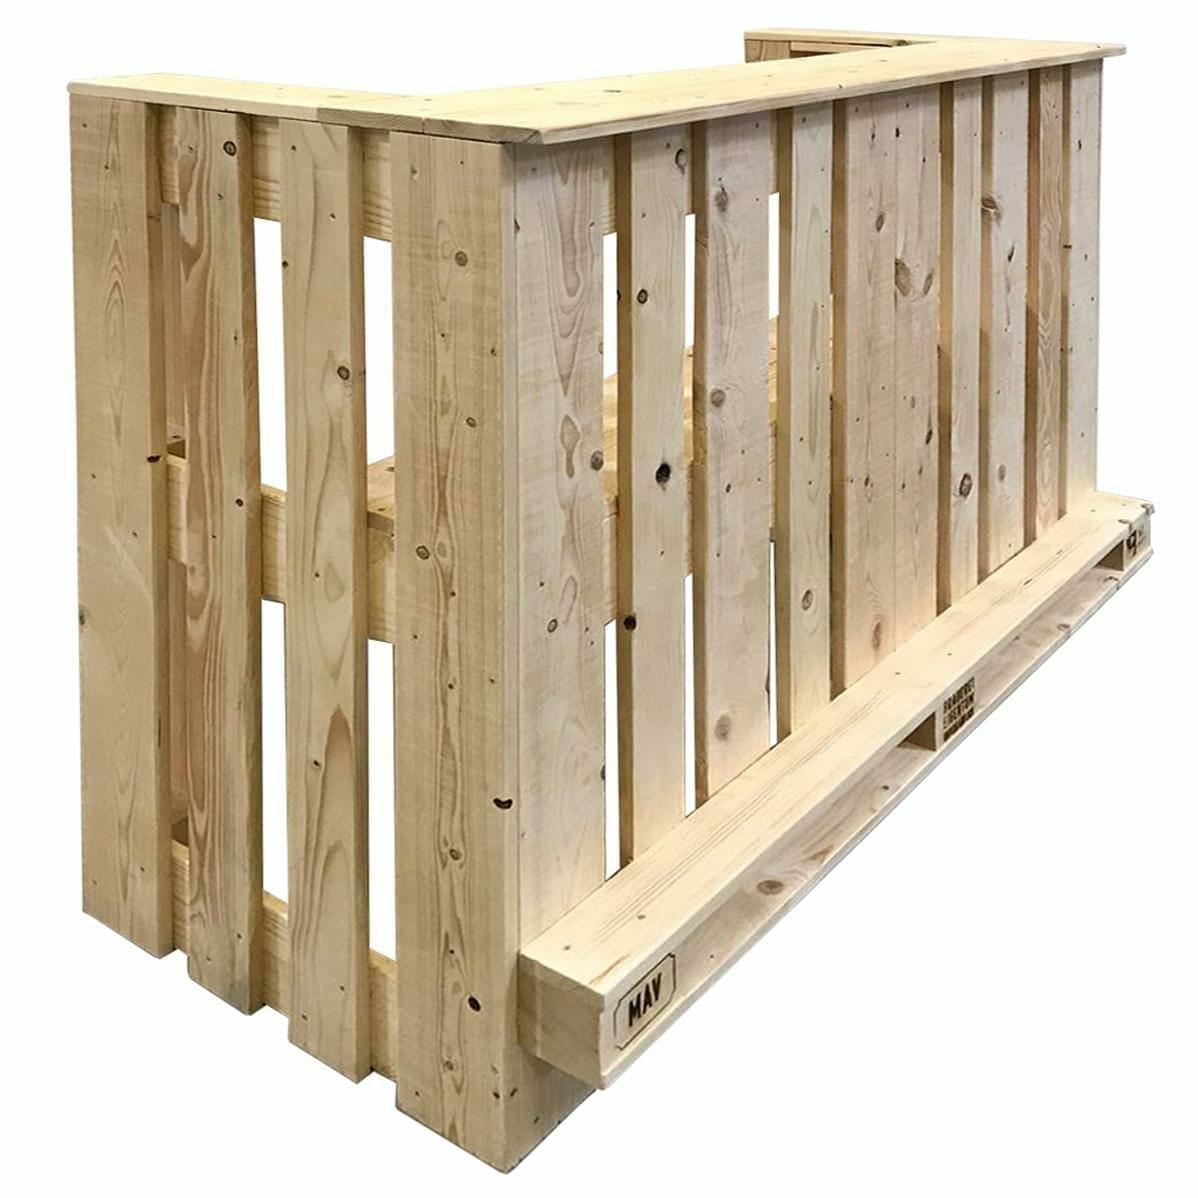 Full Size of Paletten Mobel Bar Caseconradcom Sofa Verkaufen Ausziehbar Garten Pool Guenstig Kaufen Küche Ikea Fenster Günstig Esstisch Weiß Mit Abnehmbaren Bezug Betten Wohnzimmer Bar Kaufen